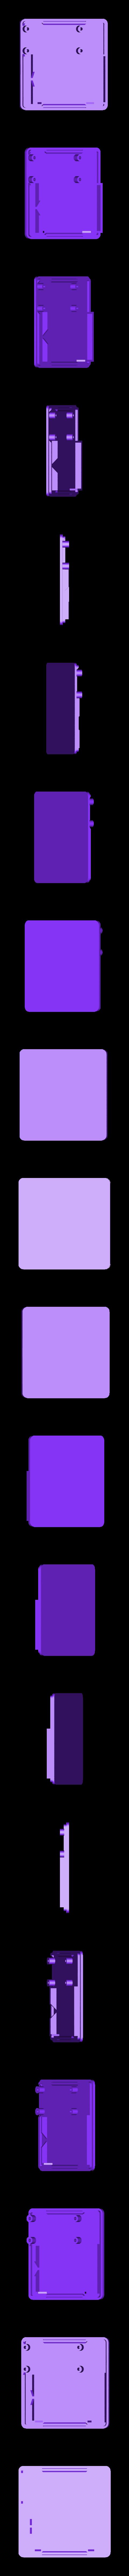 nt-bottom.stl Télécharger fichier STL gratuit Jeu de correspondance de couleurs NeoTrellis • Objet à imprimer en 3D, Adafruit